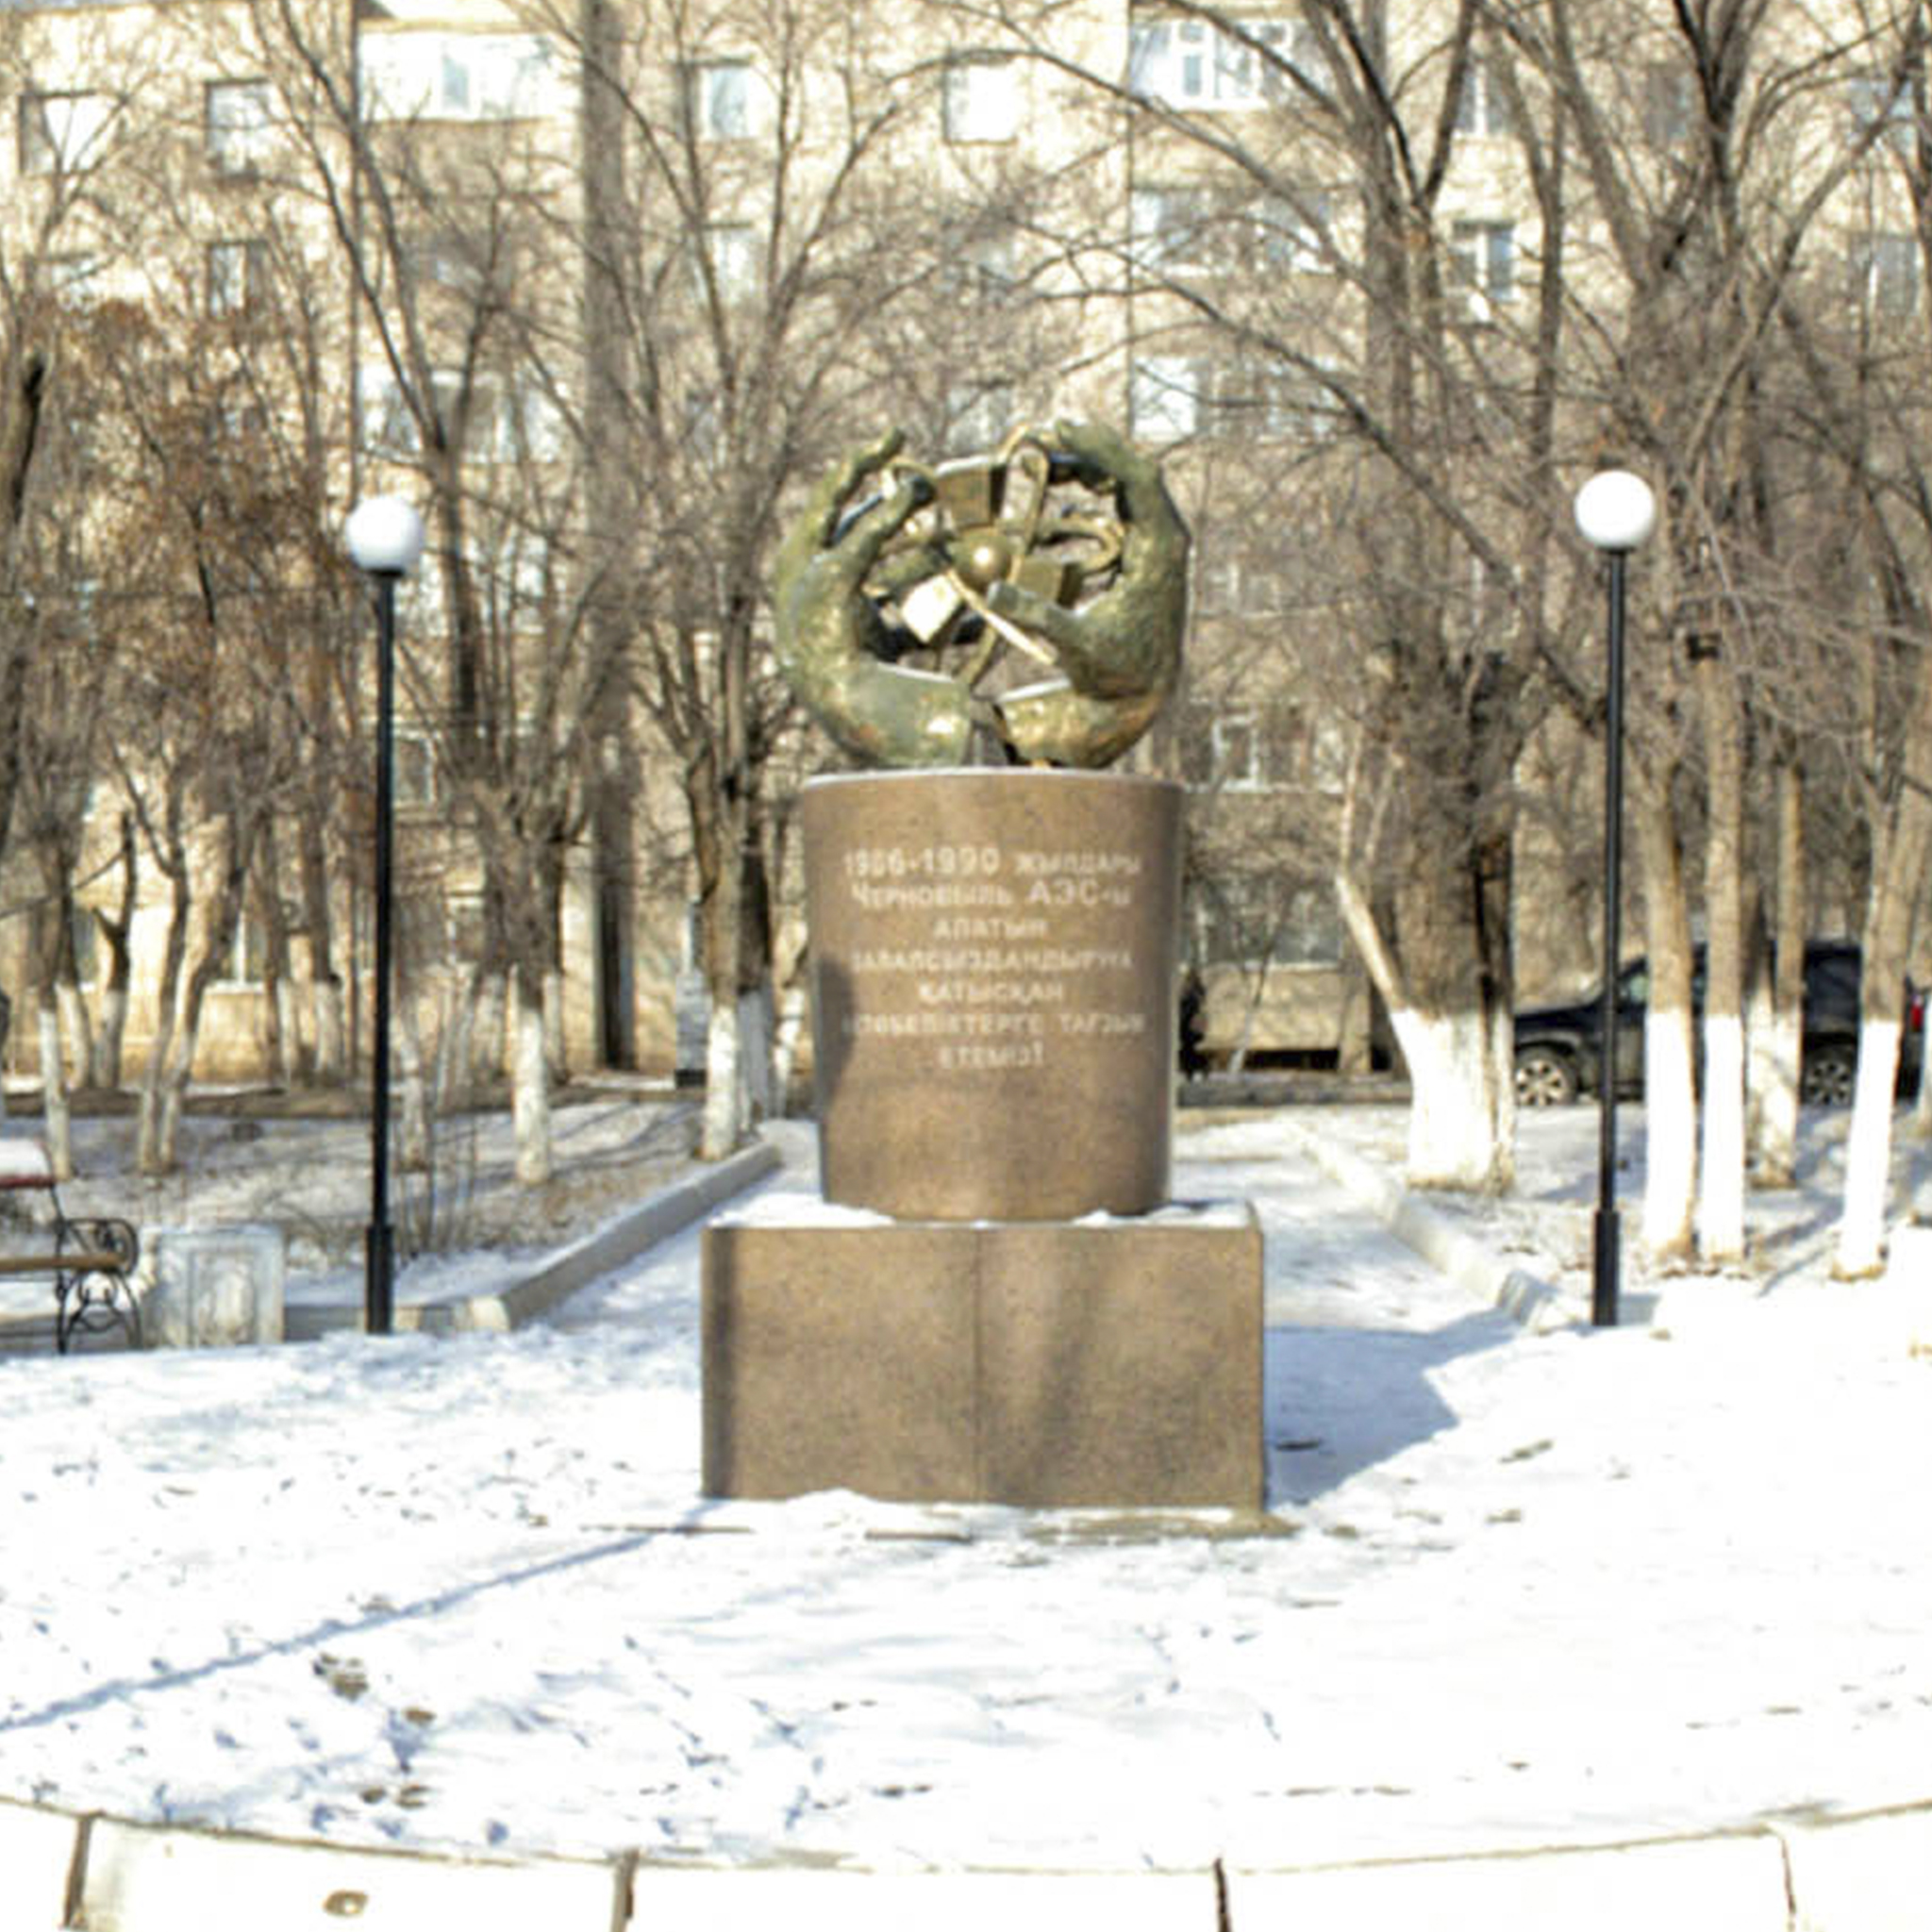 Памятник-обелиск актюбинцам, участвовавшим в ликвидации аварии Чернобыльской АЭС в 1986-1990 гг.